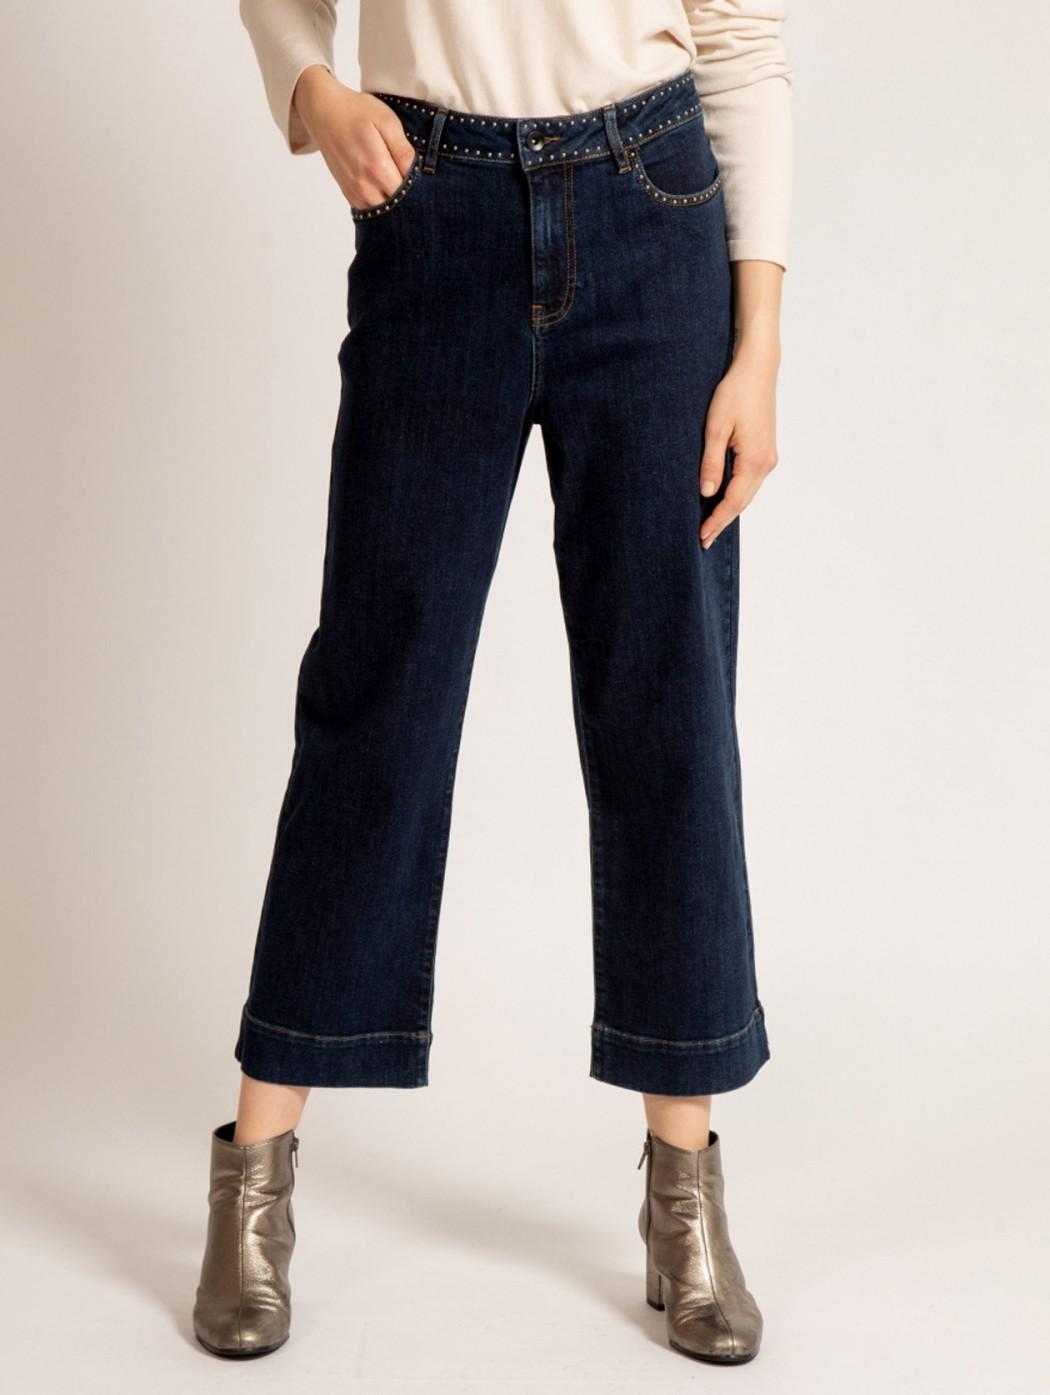 Pantaloni jeans leggings...